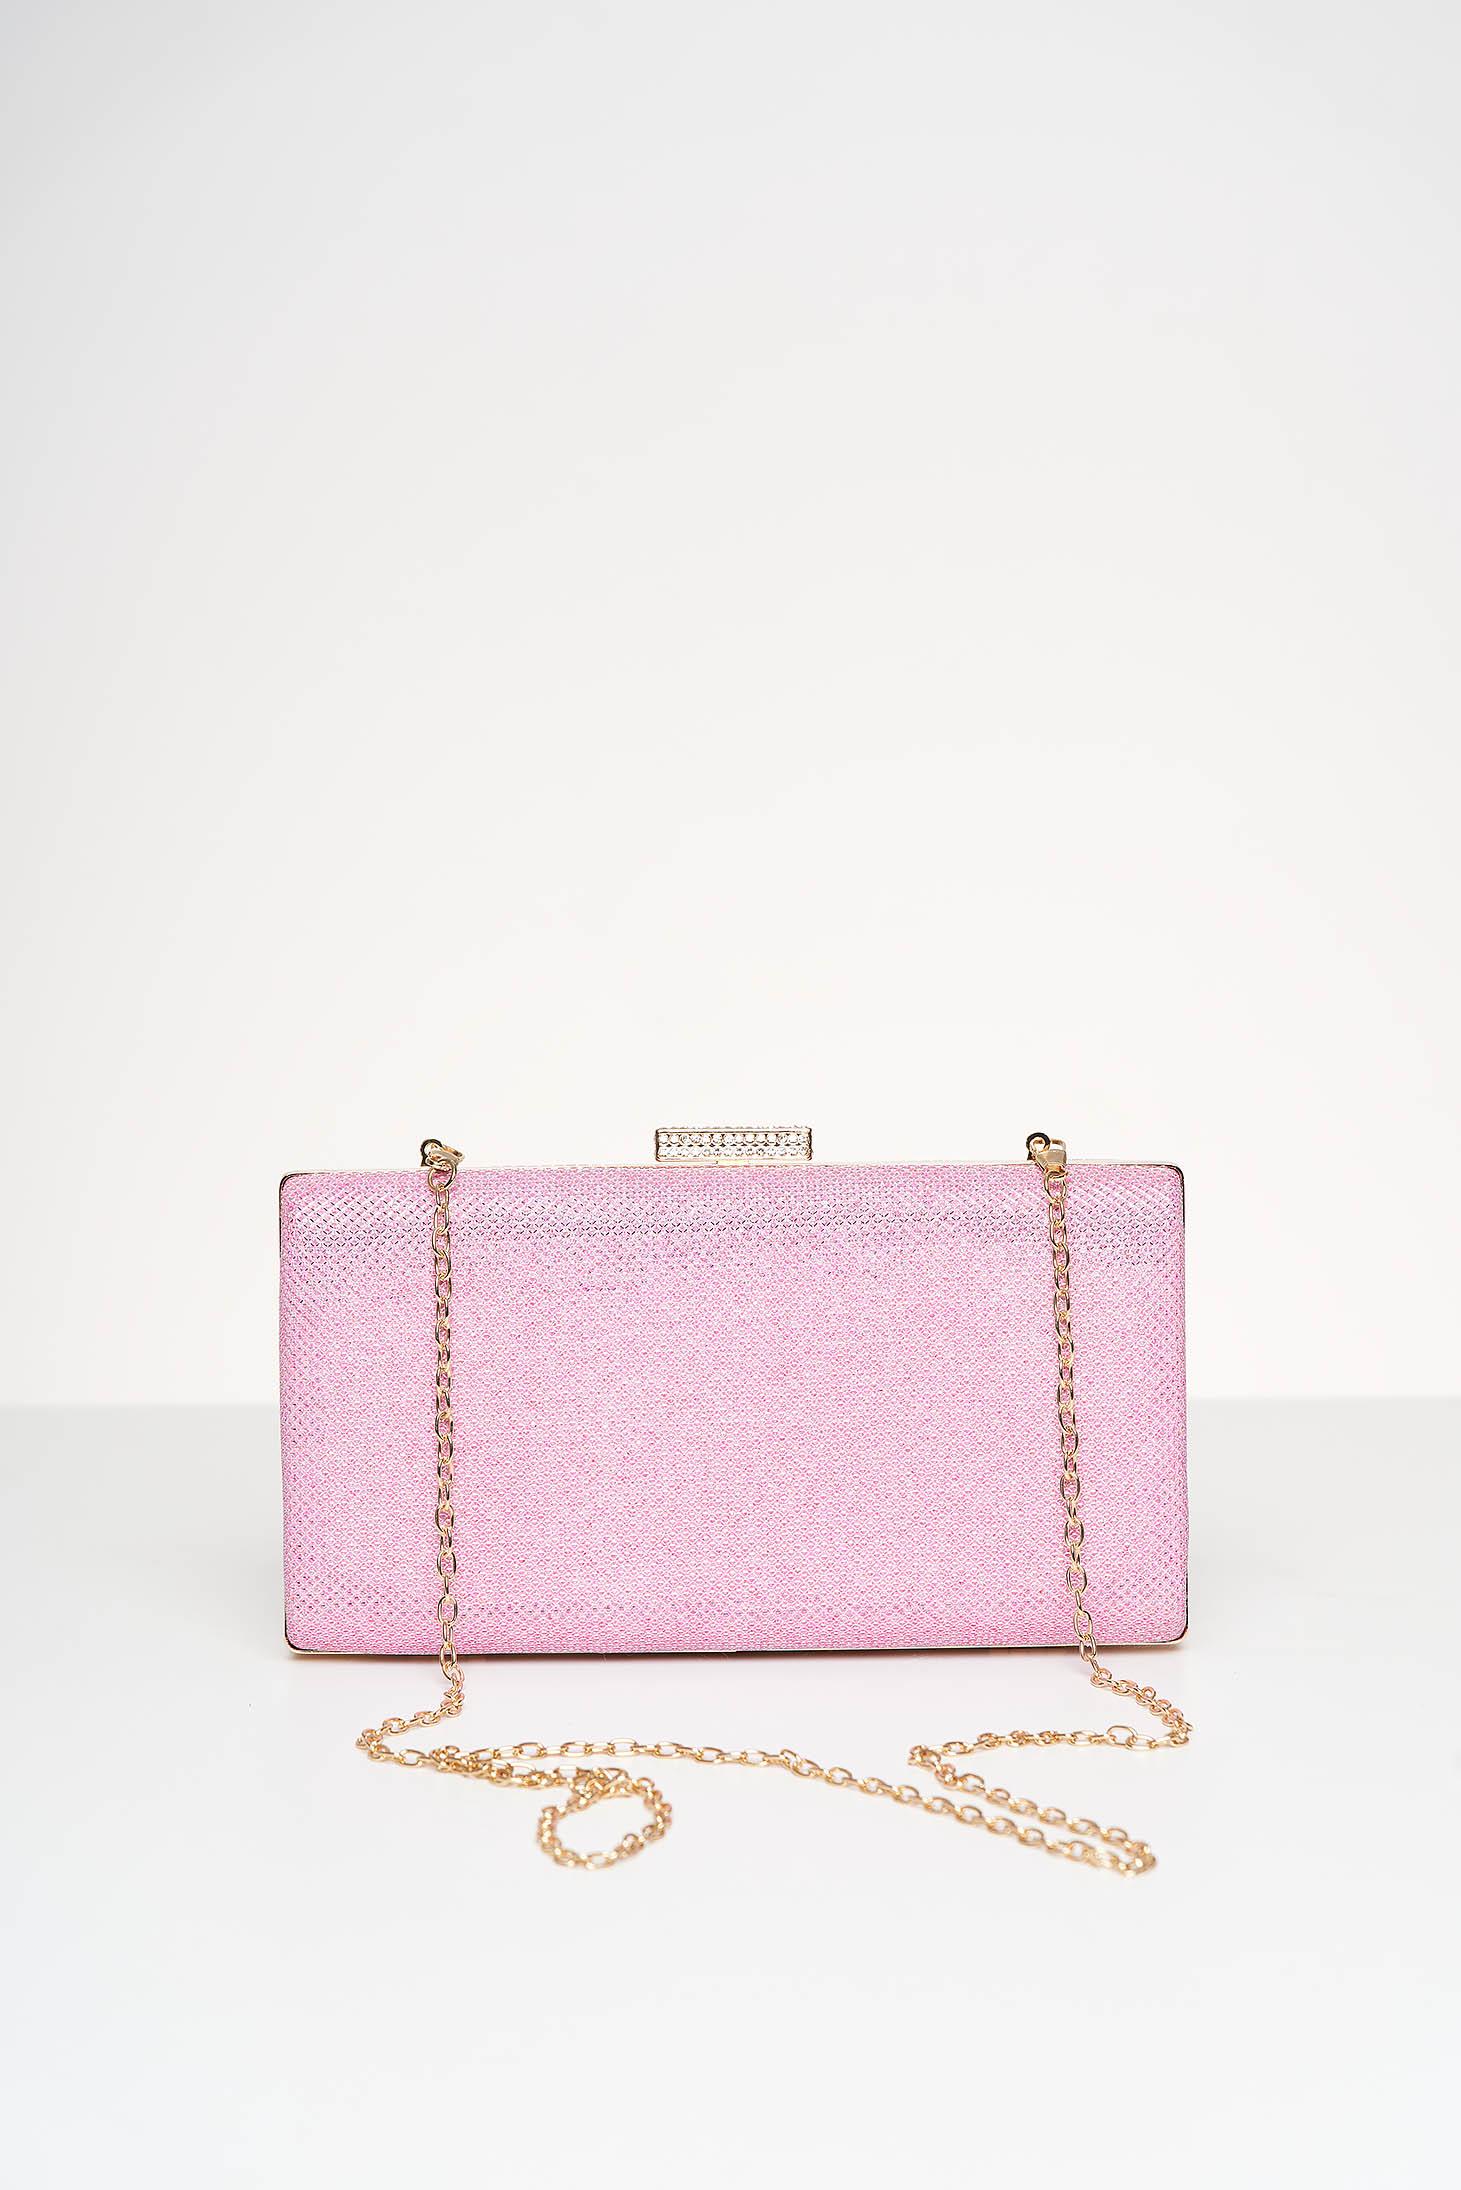 Geanta dama tip clutch roz de ocazie cu aplicatii cu sclipici